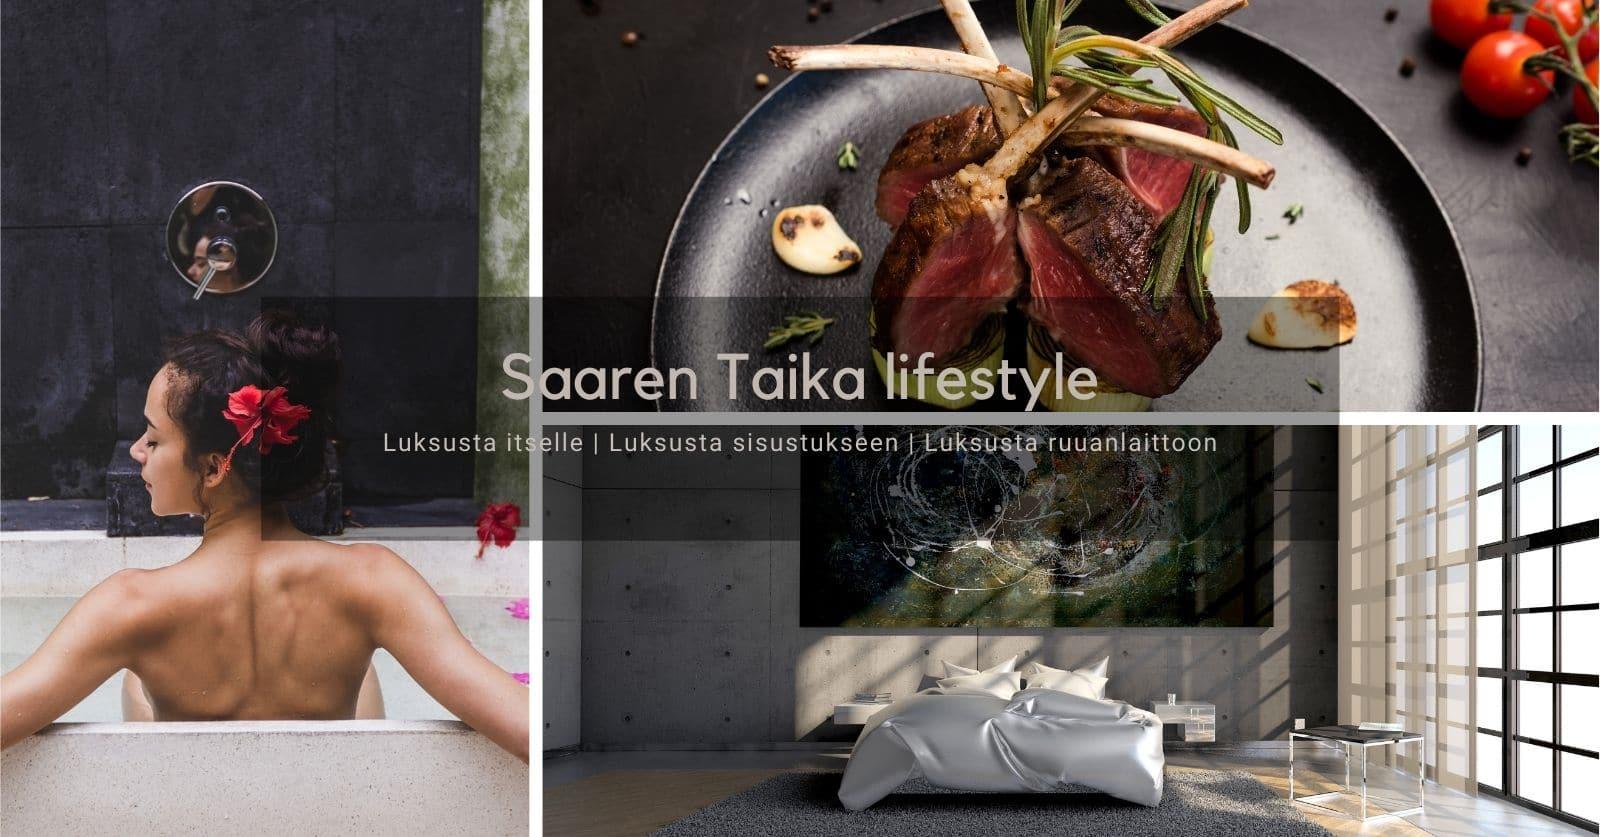 Saaren Taika lifestyle Luksusta itselle _ Luksusta sisustukseen _ Luksusta ruuanlaittoon